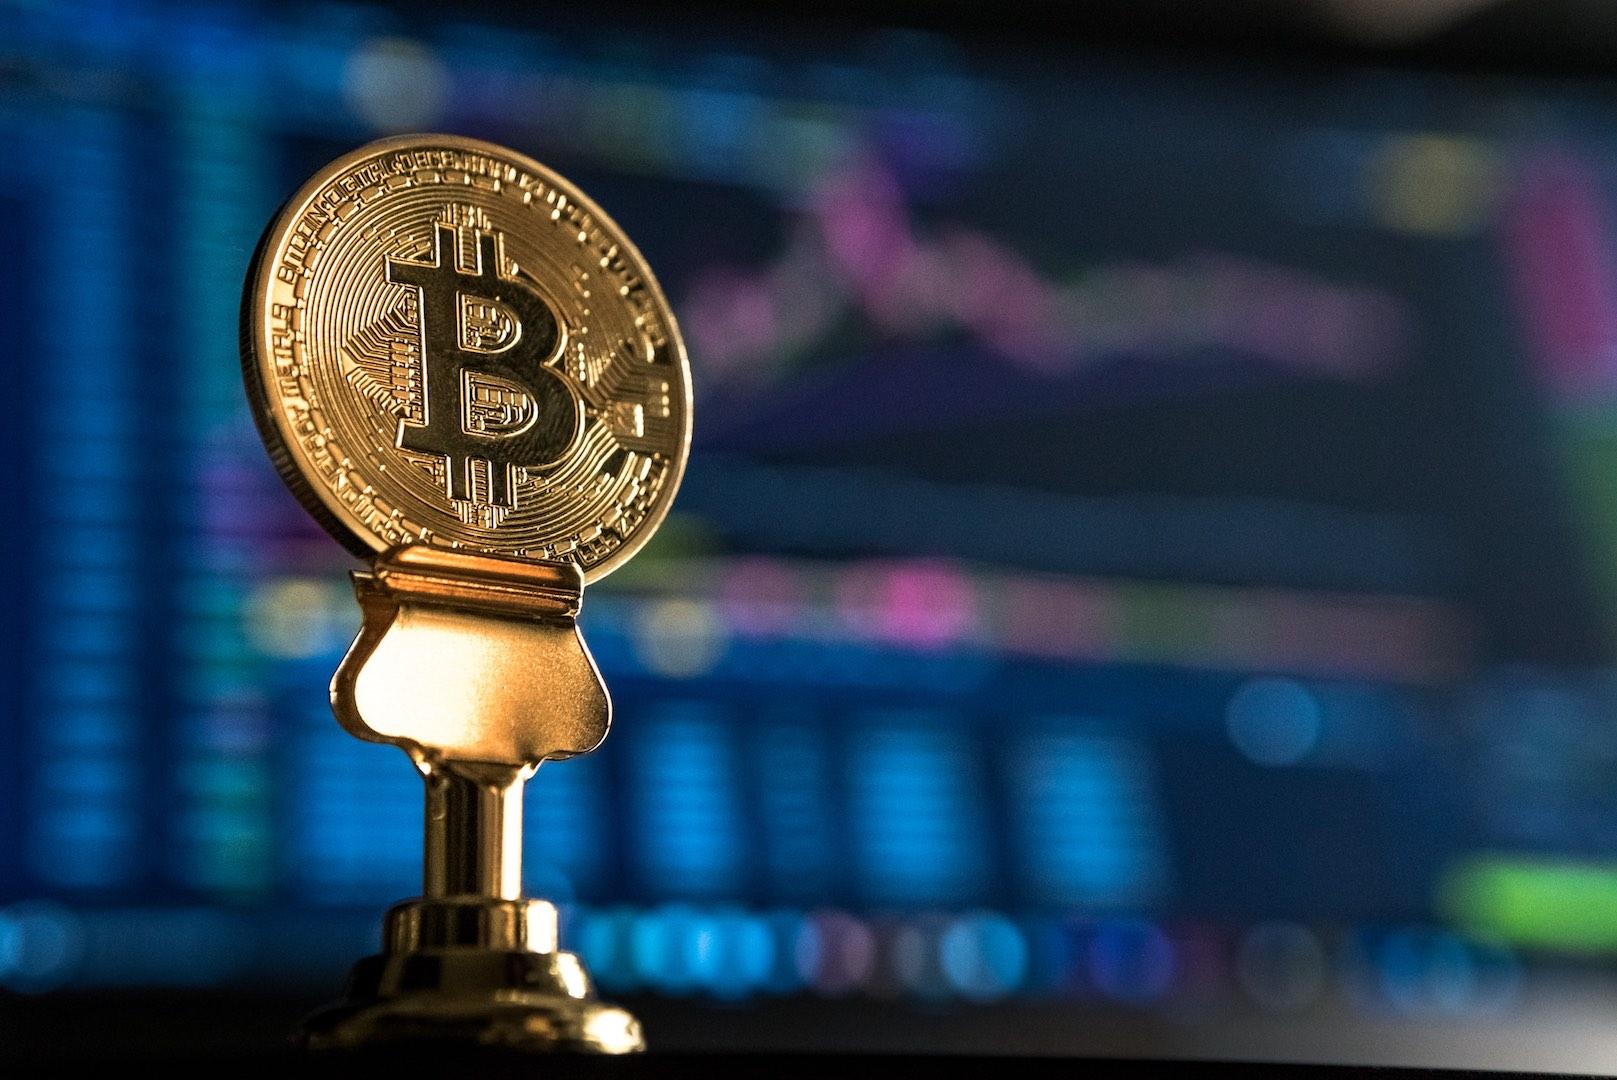 spekulacje na cfd forex bitcoin